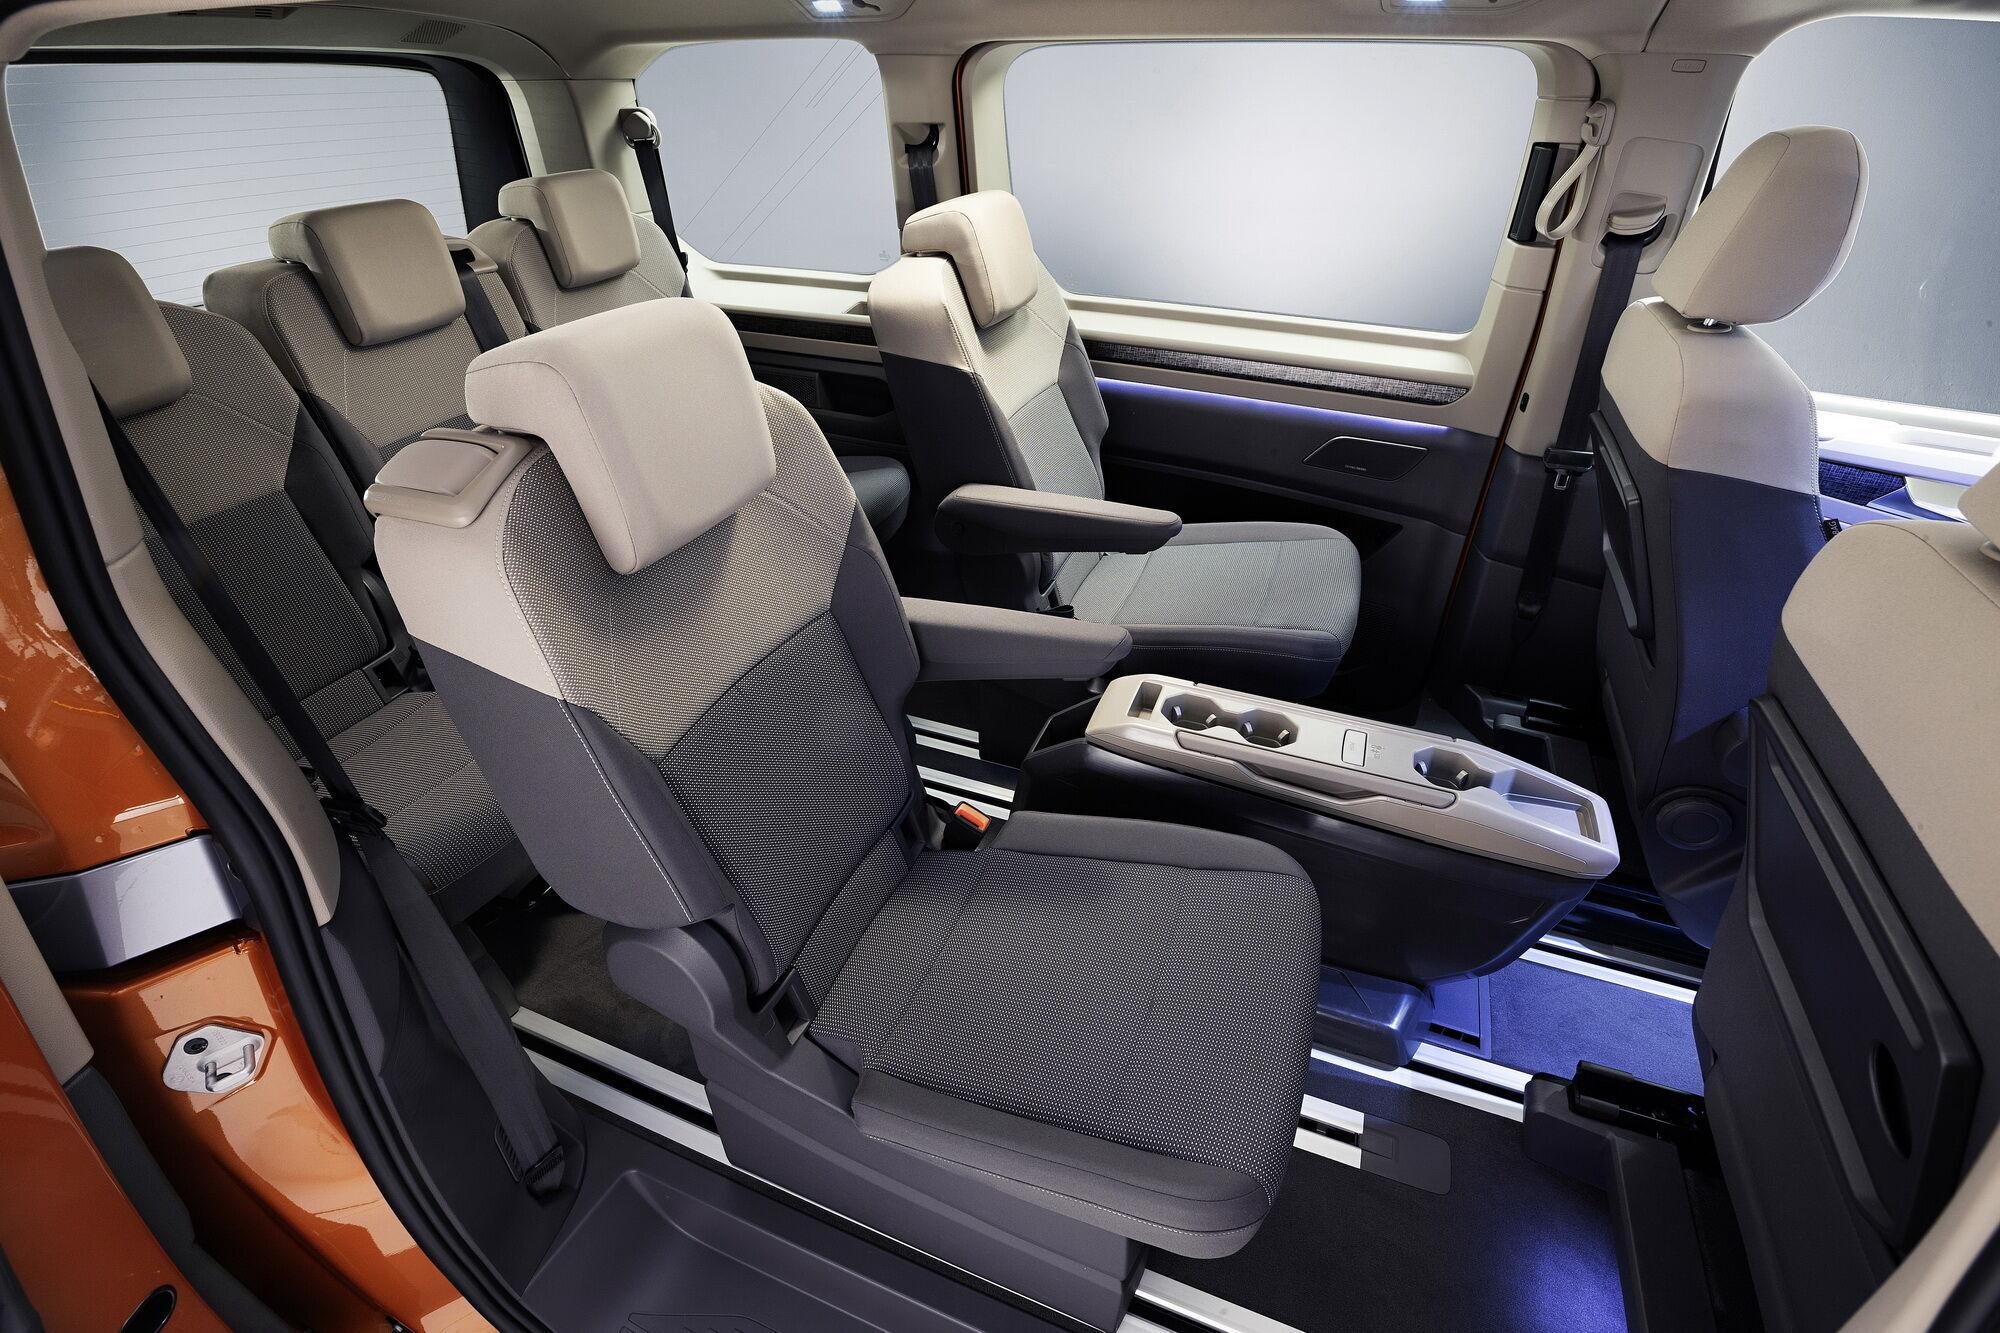 Все сидения выполнены индивидуальными, могут легко складываться или полностью удаляться из салона